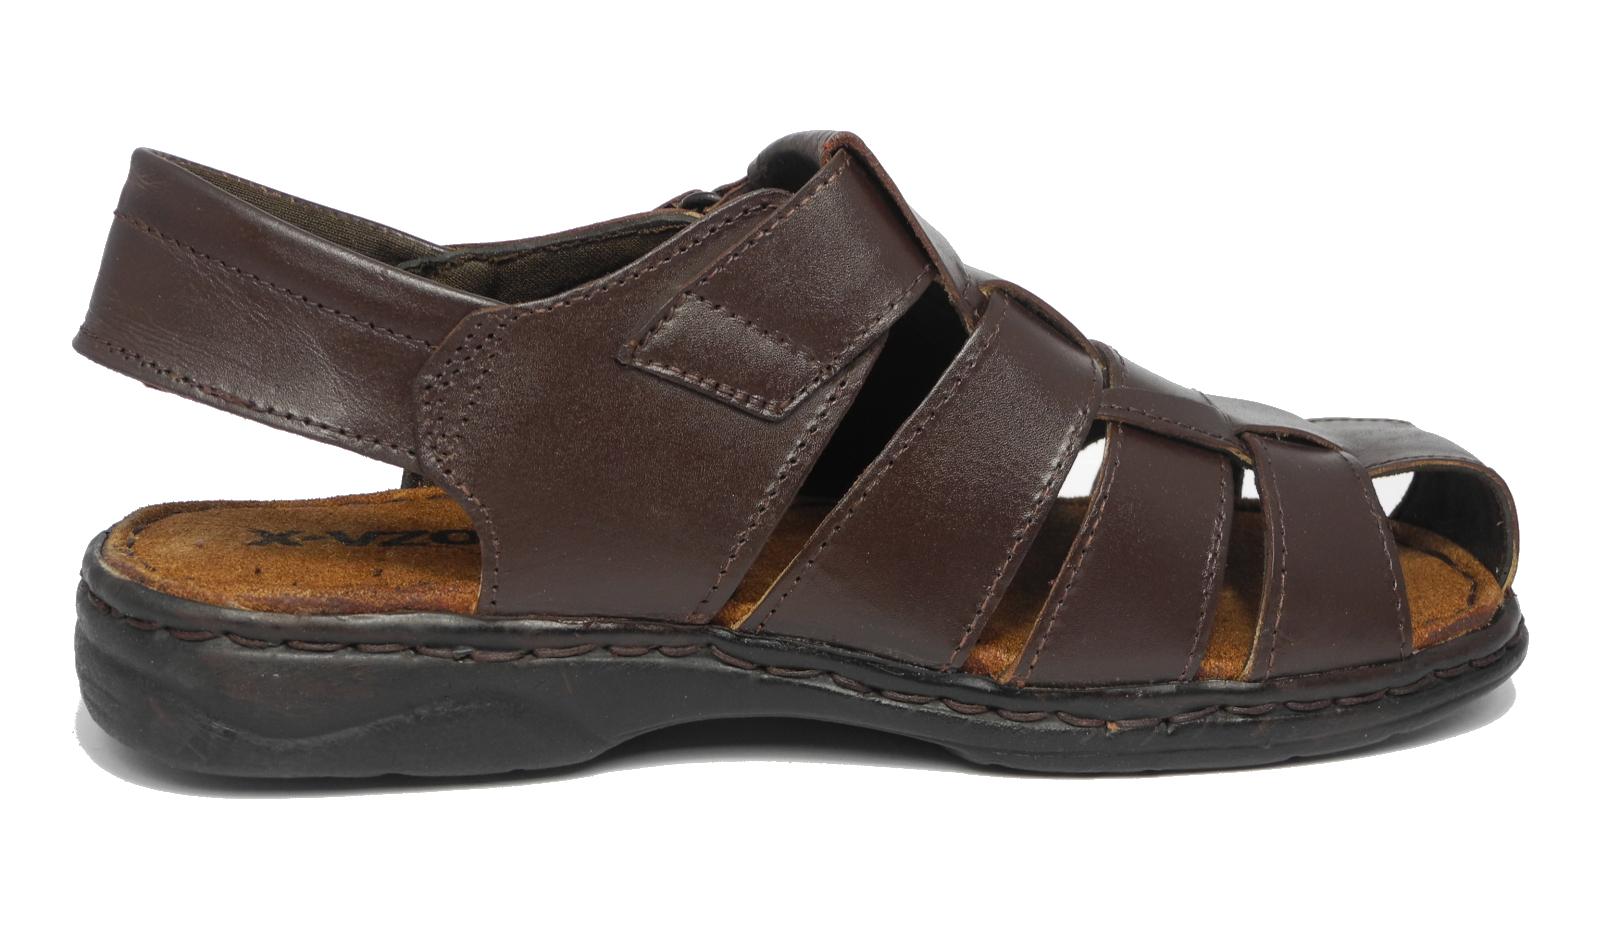 Clarks Mens Shoes Size   Velcro